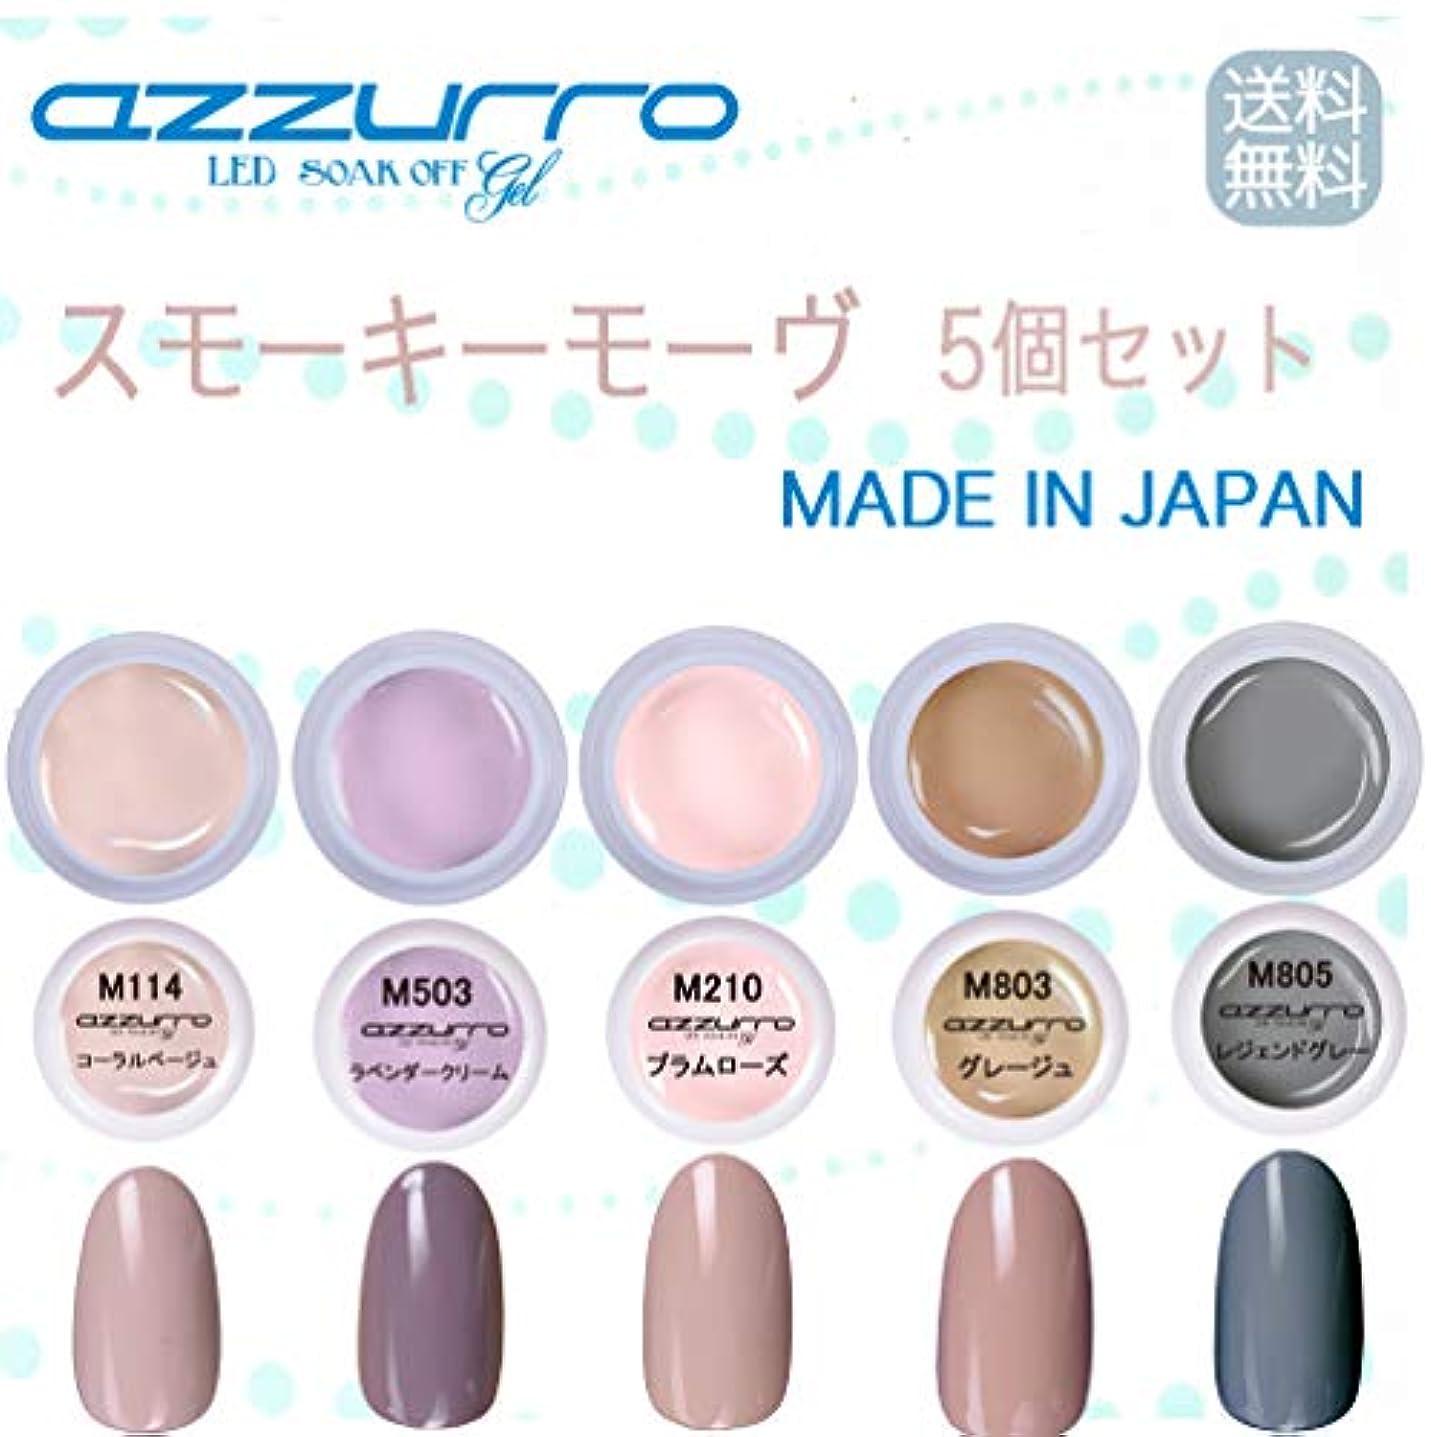 ベルト習字差し迫った【送料無料】日本製 azzurro gel スモーキーモーヴカラージェル5個セット 春色にもかかせないとスモーキーなモーヴカラー